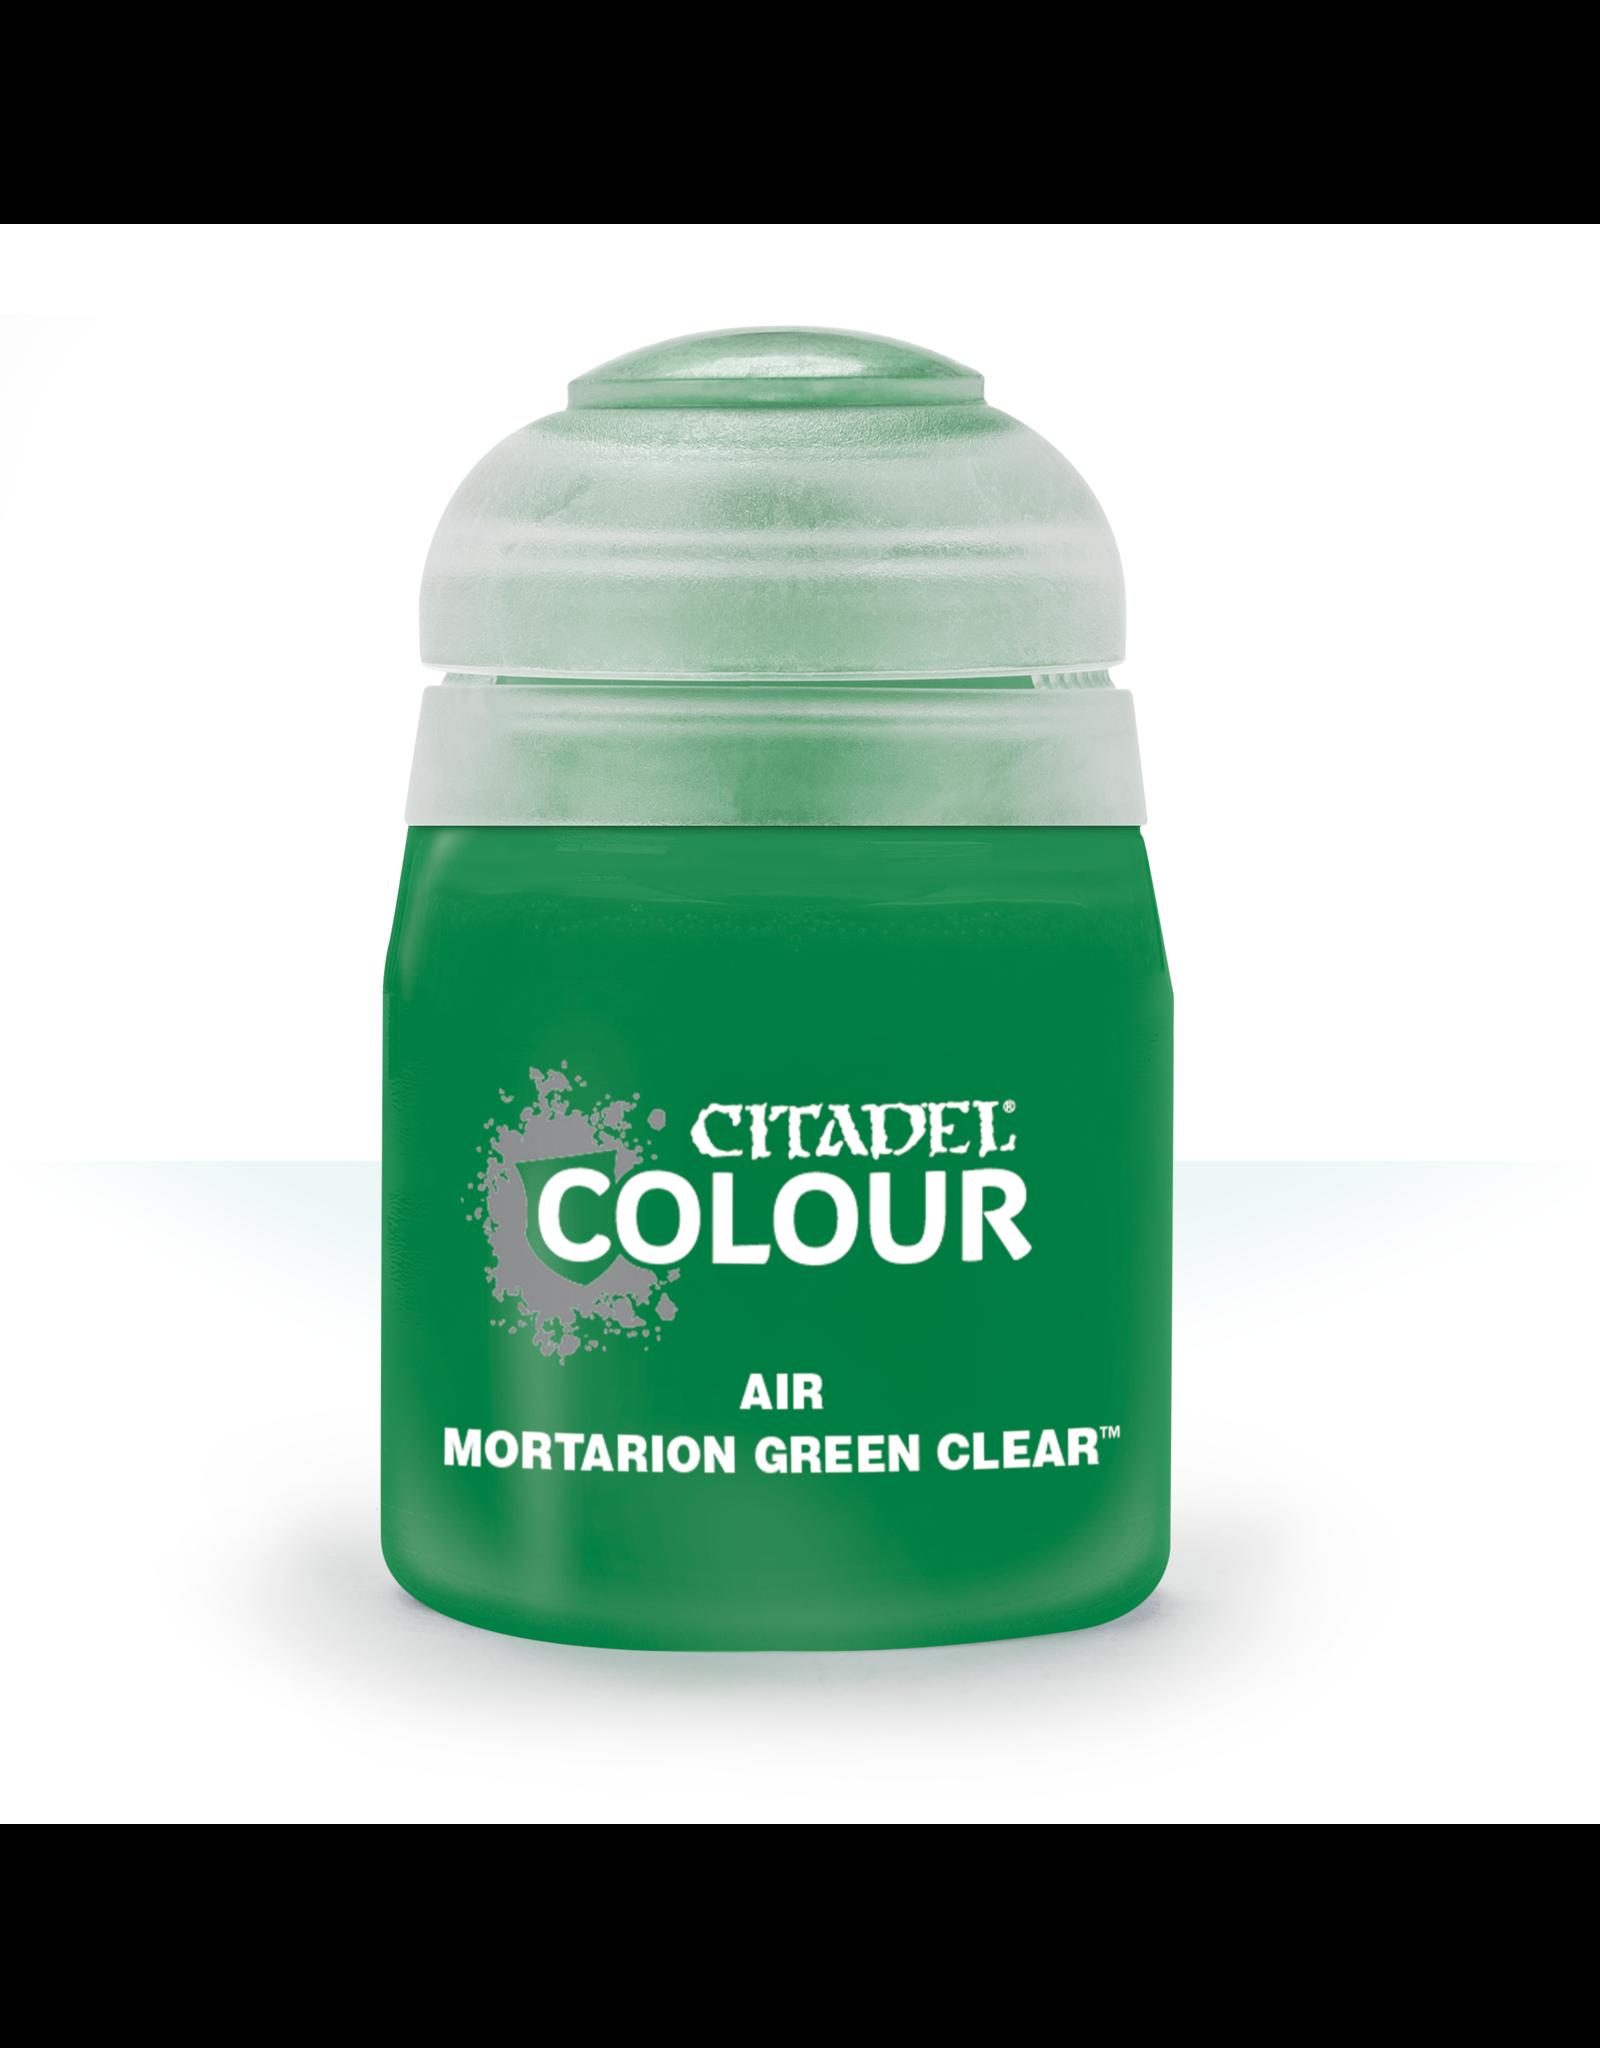 Citadel Citadel Paints: Air - Mortarion Green Clear